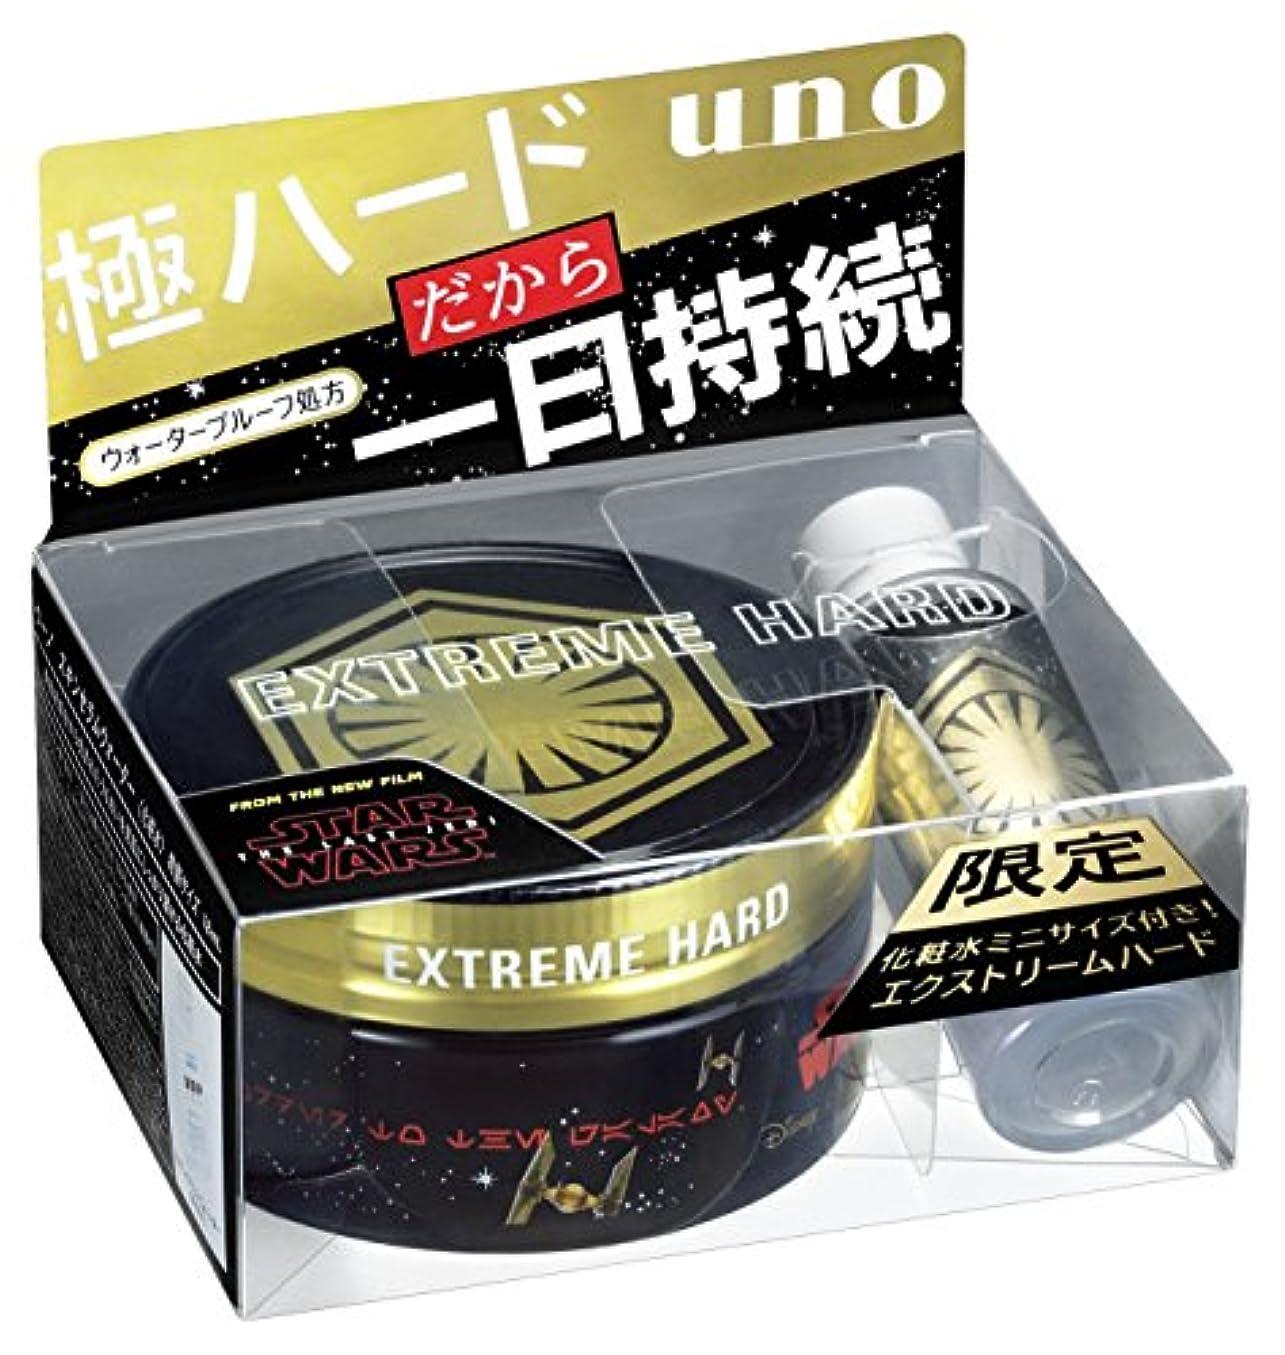 直面する環境胃uno(ウーノ) ウーノ エクストリームハード ワックス 80g スキンセラムウォーターミニボトル付(スターウォーズEp8)